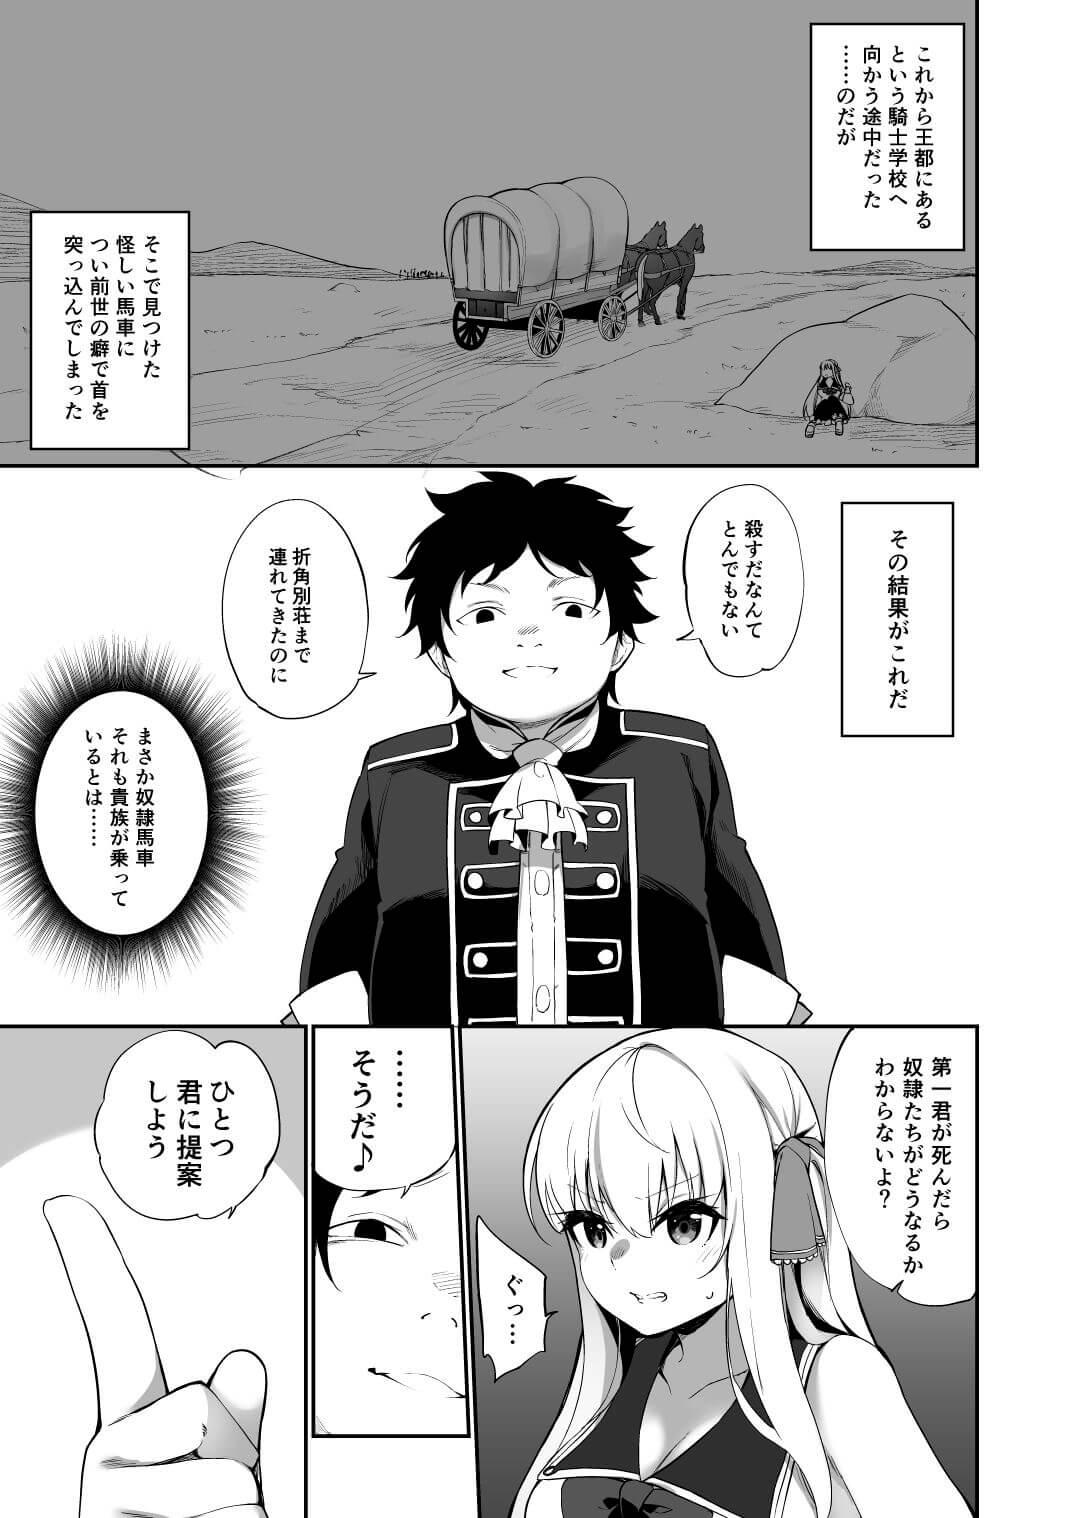 【TS転生騎士とある貴族の約束】小太りの貴族のボンボンが主人公に要求したことは?